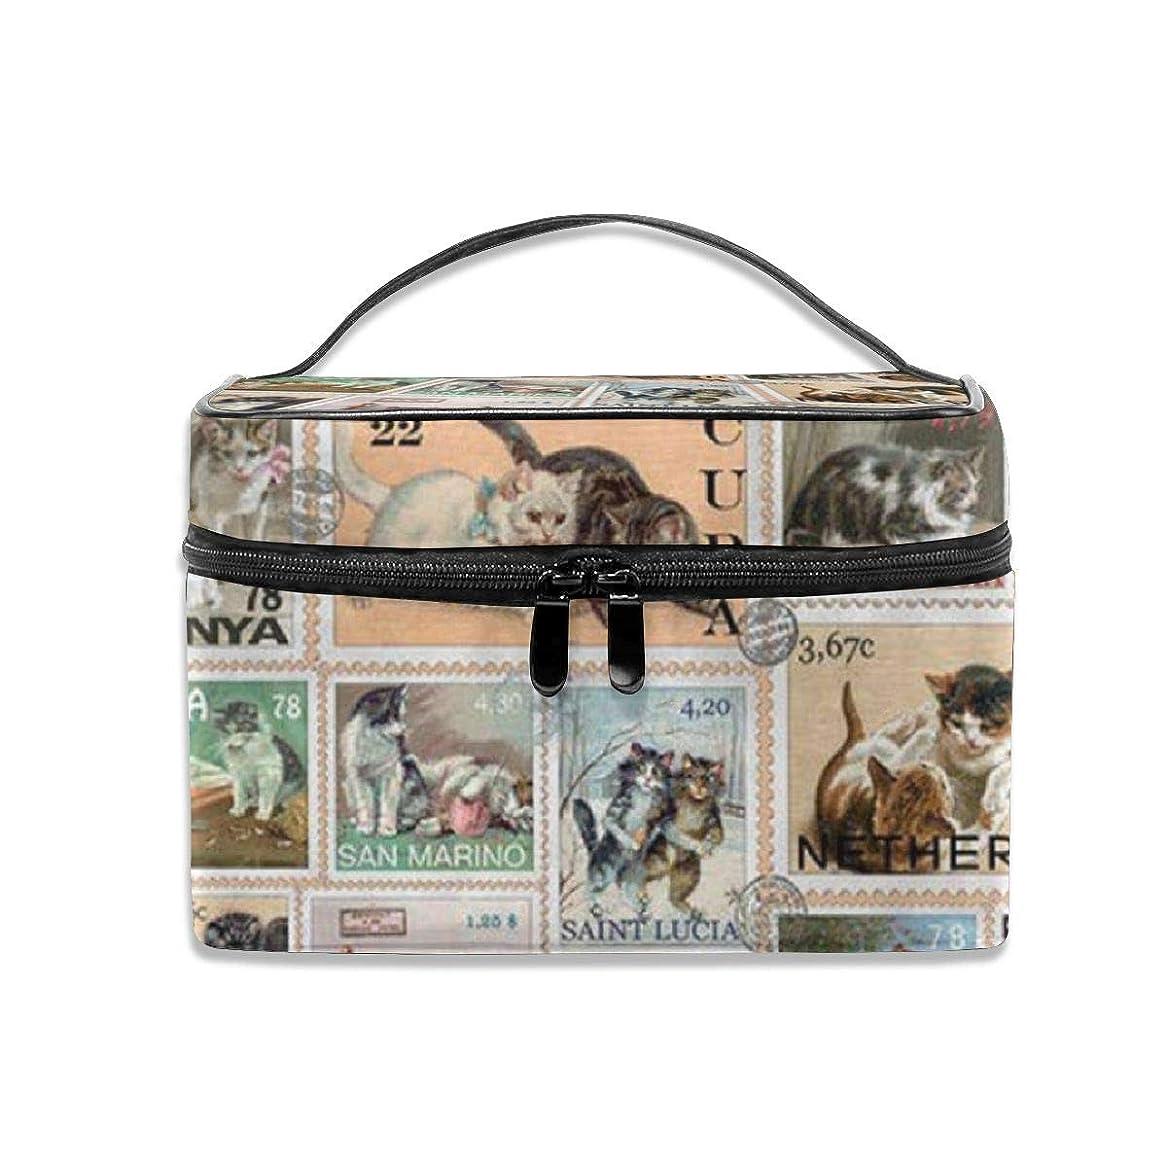 誘惑する告白汚れる猫柄 切手 綴りの図案 化粧ポーチ 化粧品バッグ 化粧品収納バッグ 収納バッグ 防水ウォッシュバッグ ポータブル 持ち運び便利 大容量 軽量 ユニセックス 旅行する